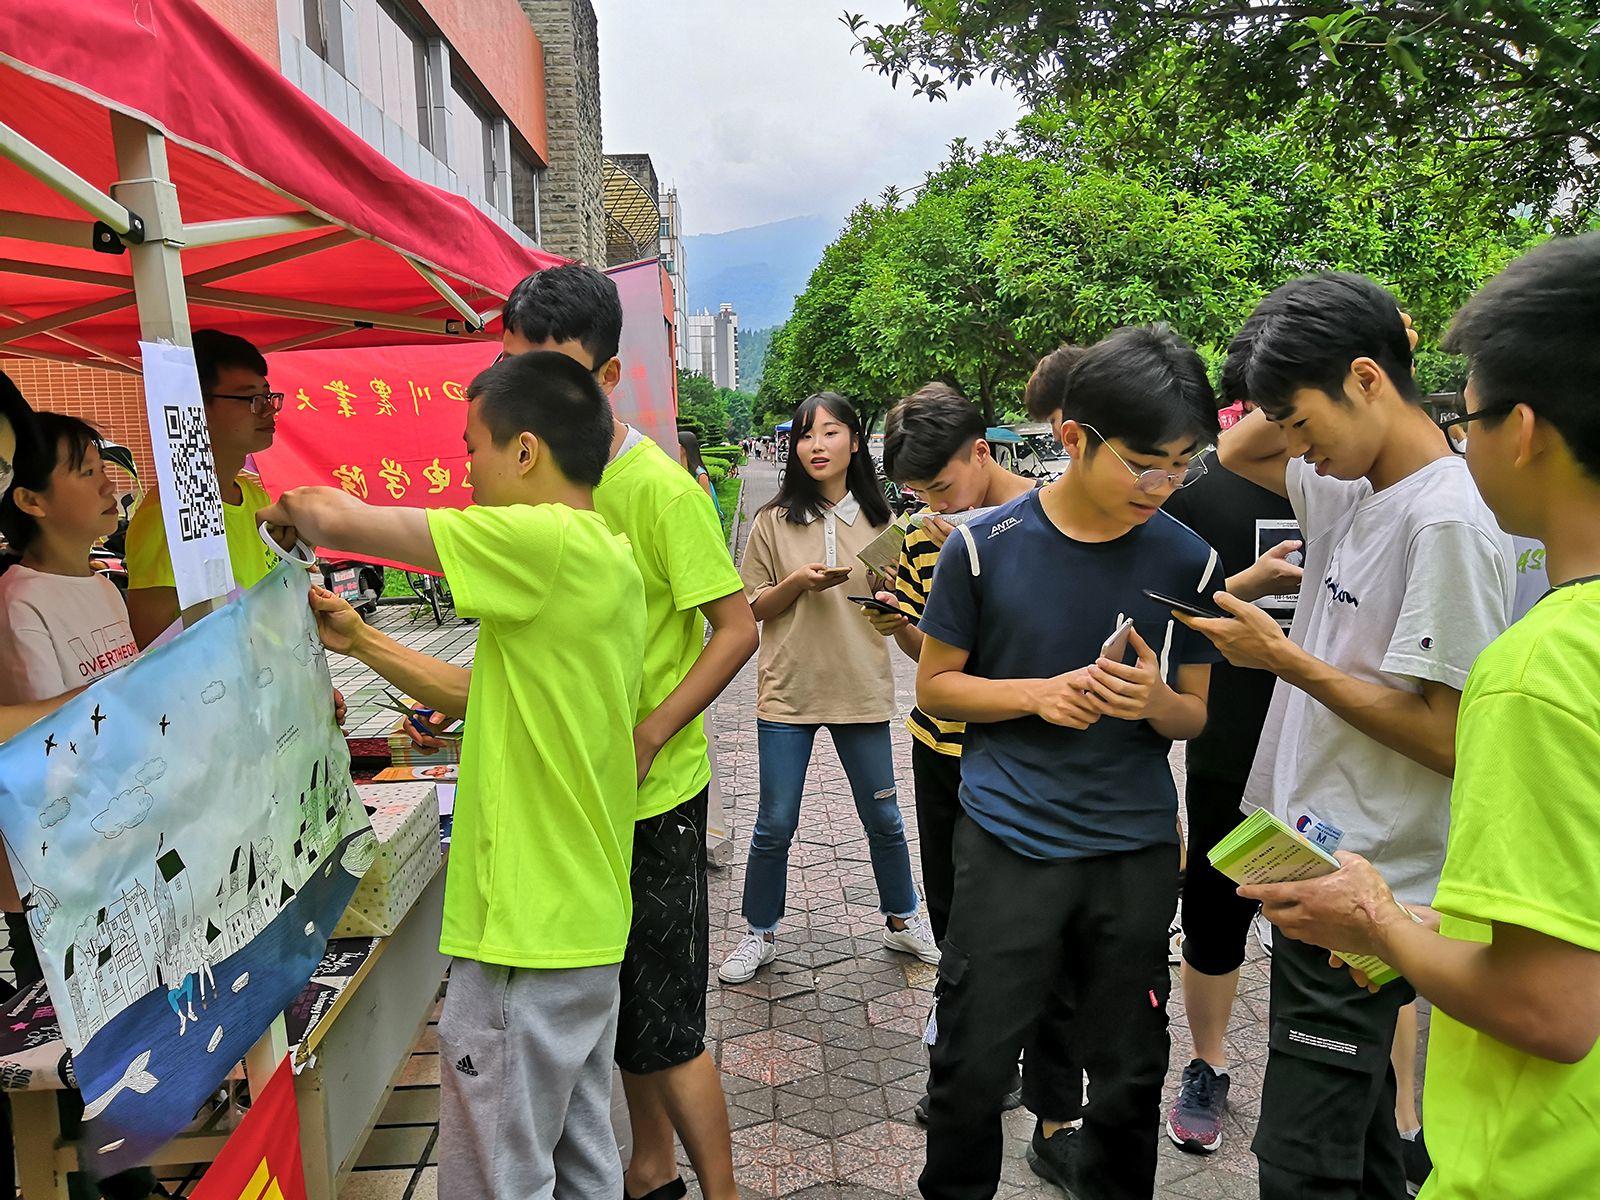 4川农校园举行助残主题设点宣传。黄锐 摄.jpg